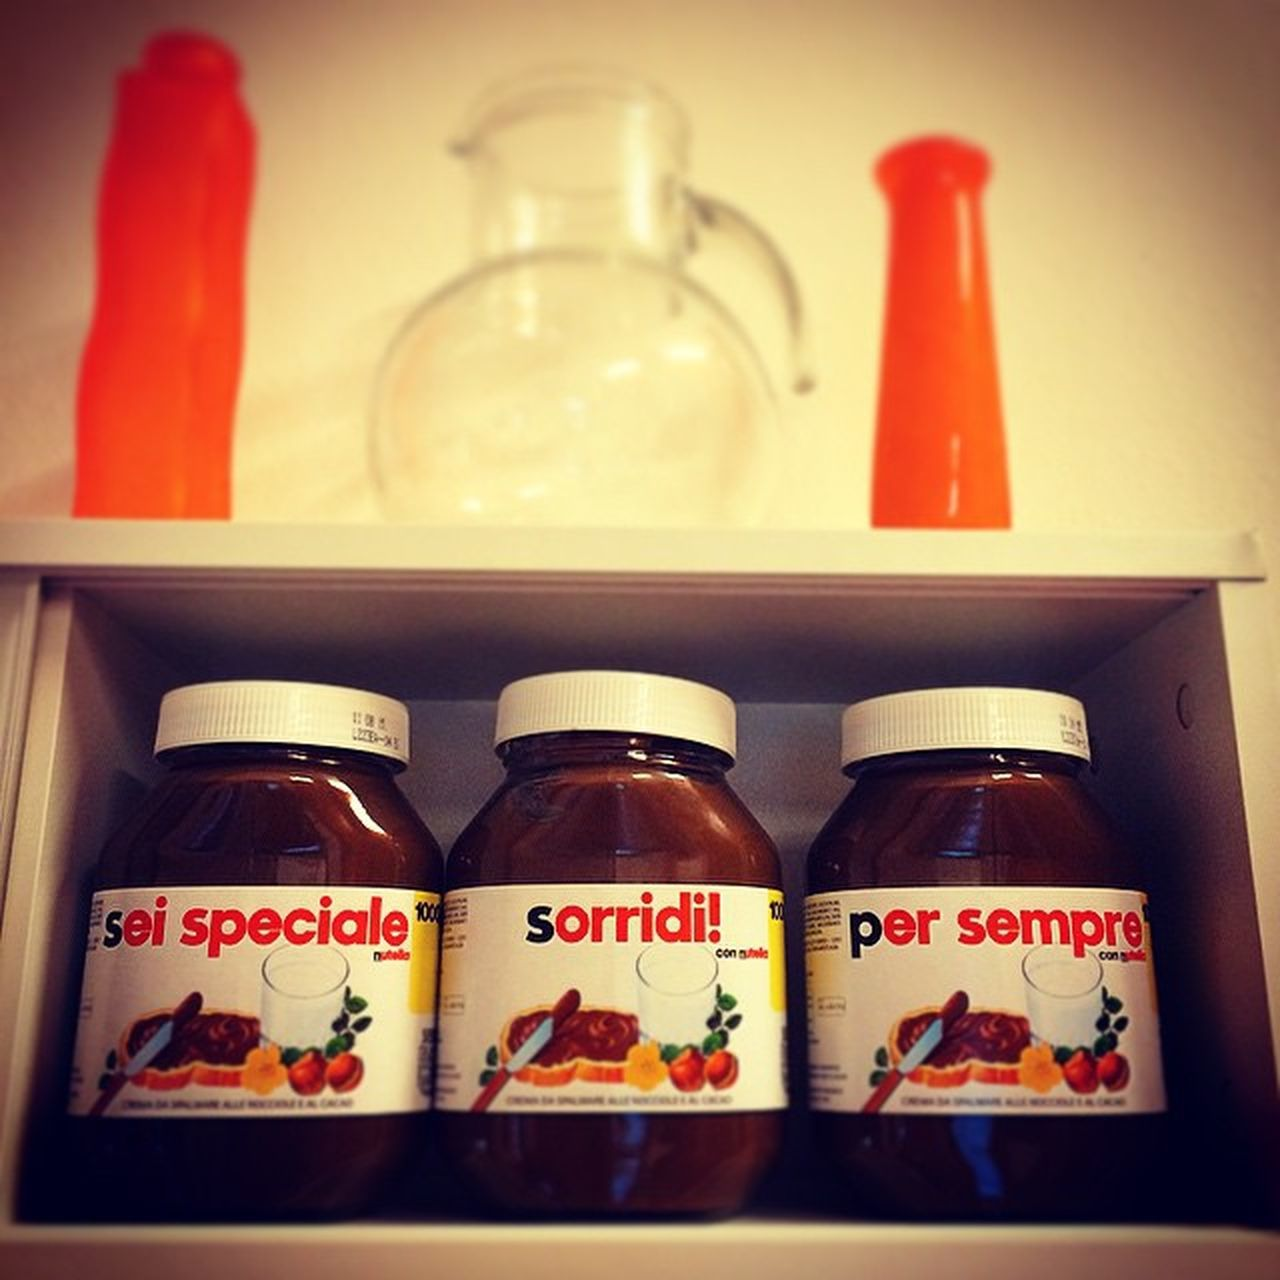 bottle, shelf, indoors, no people, label, jar, food and drink, healthcare and medicine, arrangement, close-up, freshness, food, day